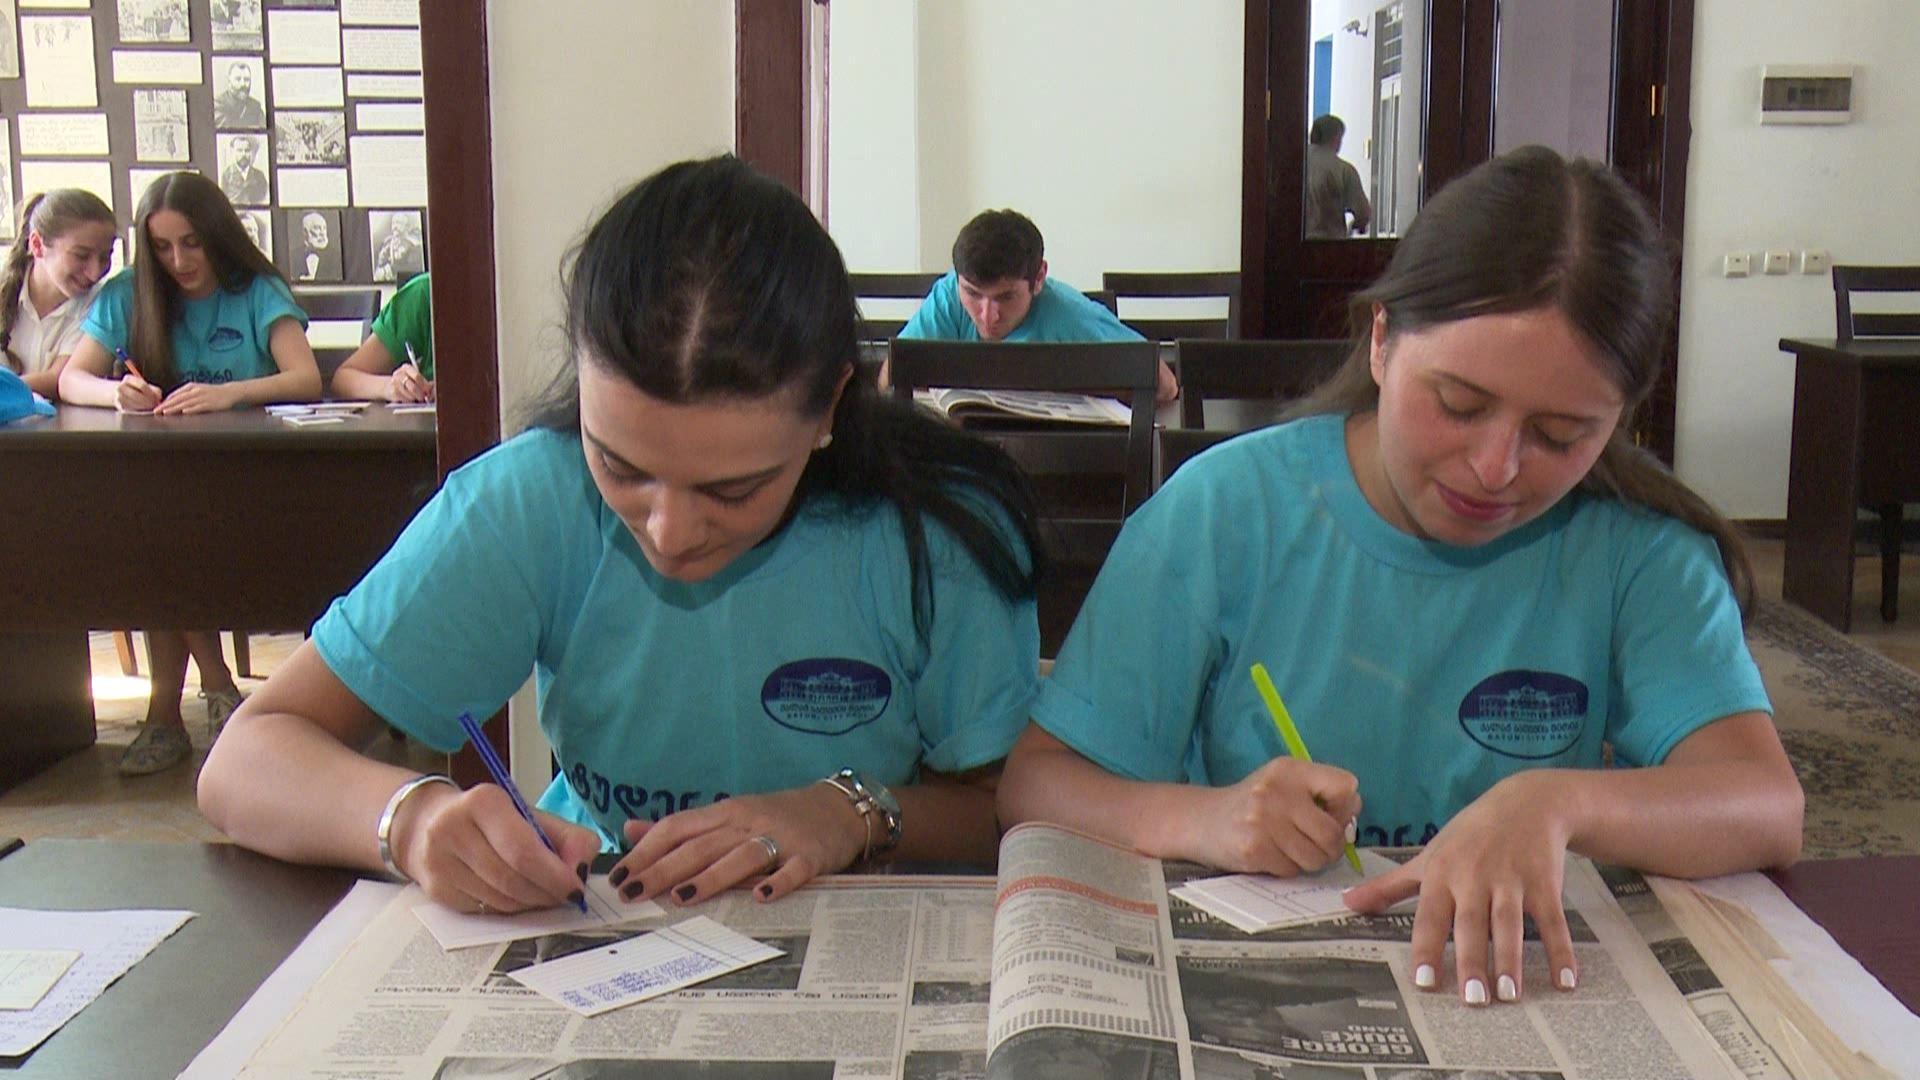 სტუდენტური დასაქმება მერიის სამსახურებში